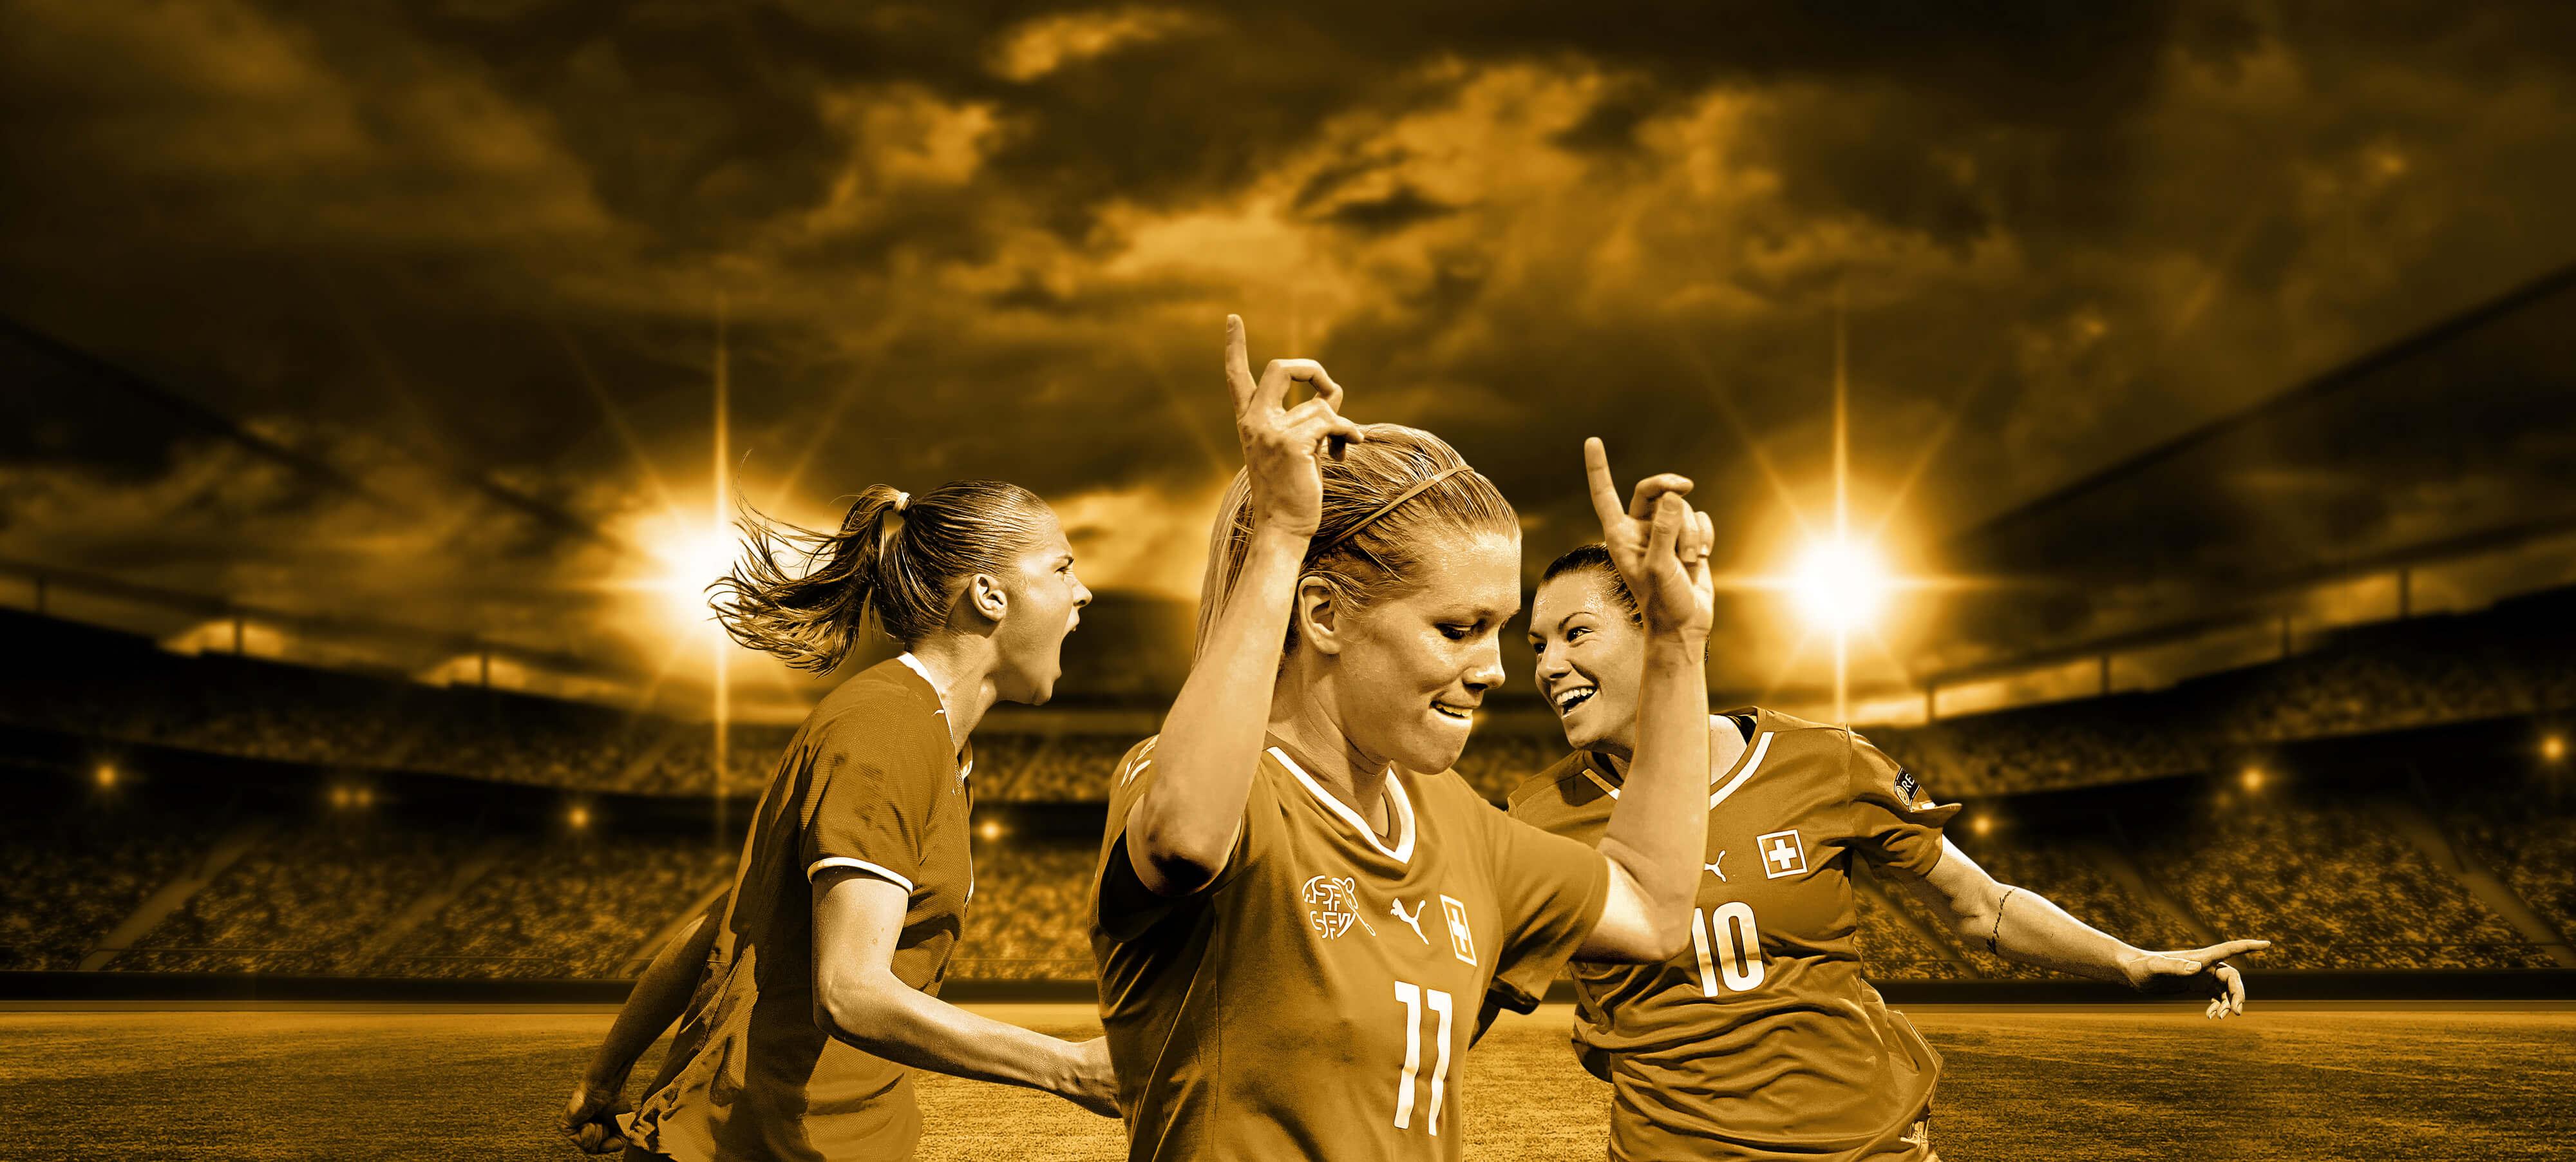 Swiss Footbal Association & Carl F. Bucherer